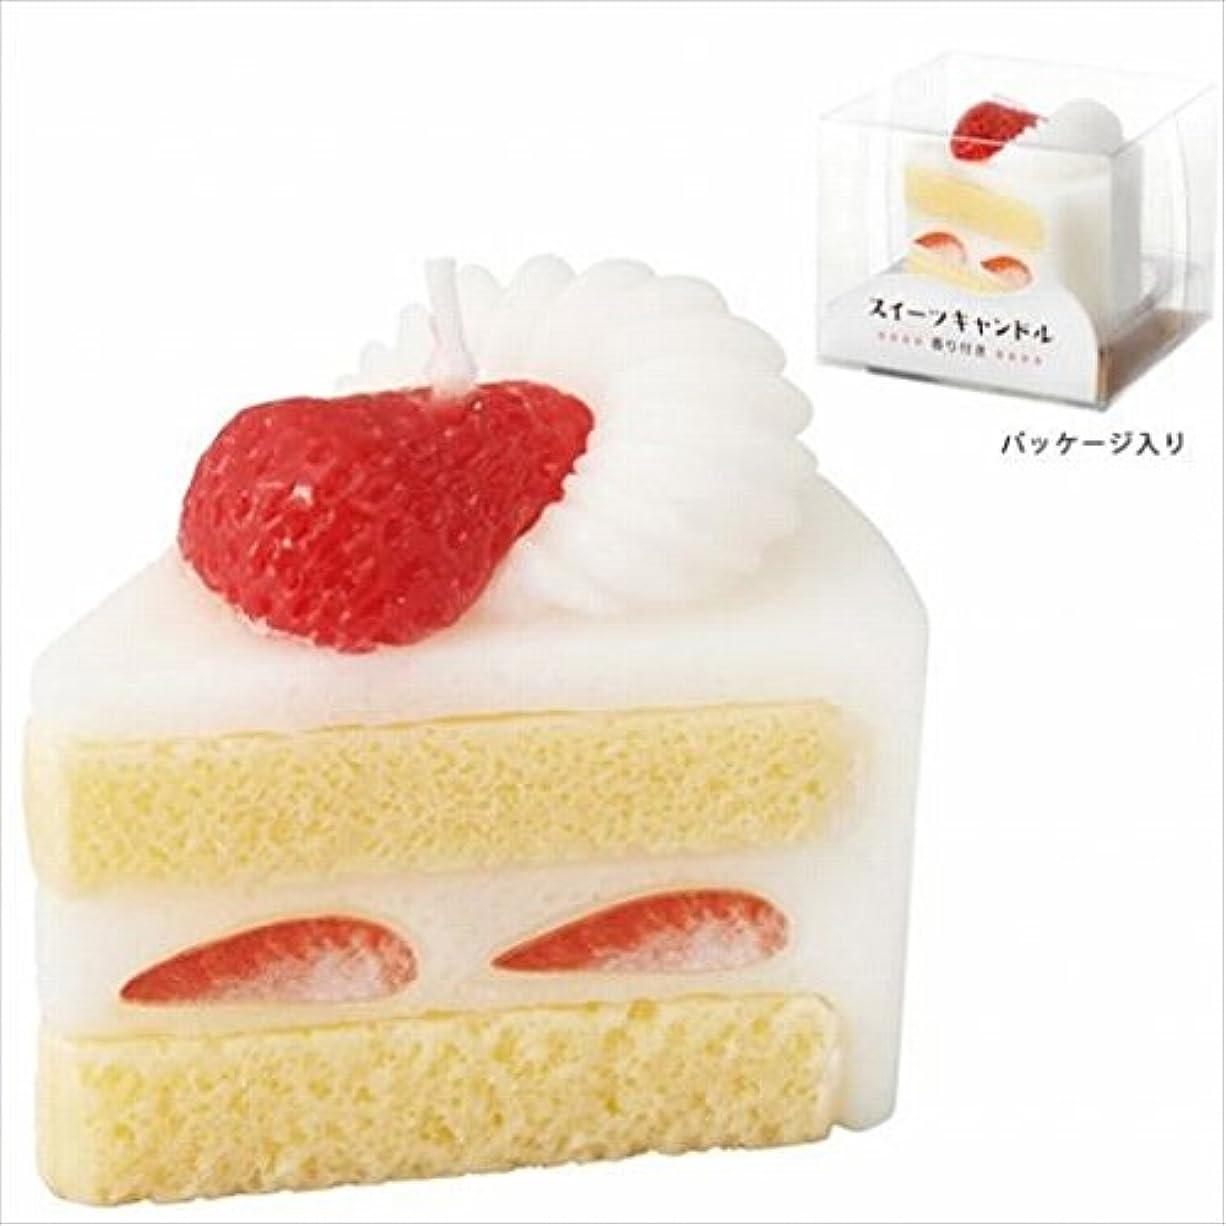 熟練した葉を拾う検査ヤンキーキャンドル( YANKEE CANDLE ) スイーツキャンドル ショートケーキ